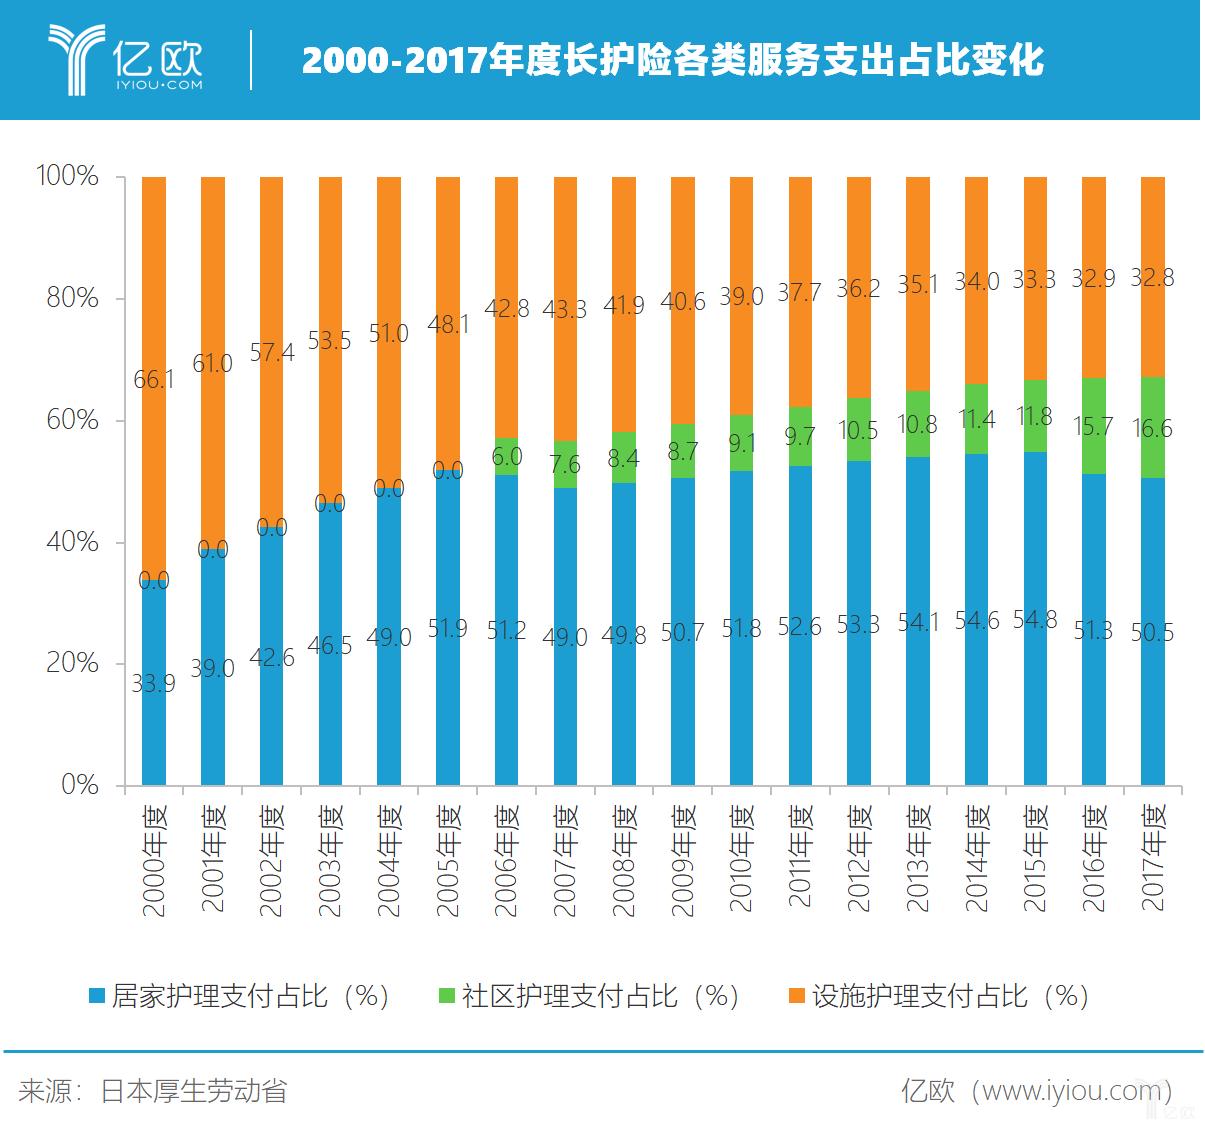 日本长护险各类服务支出占比变化